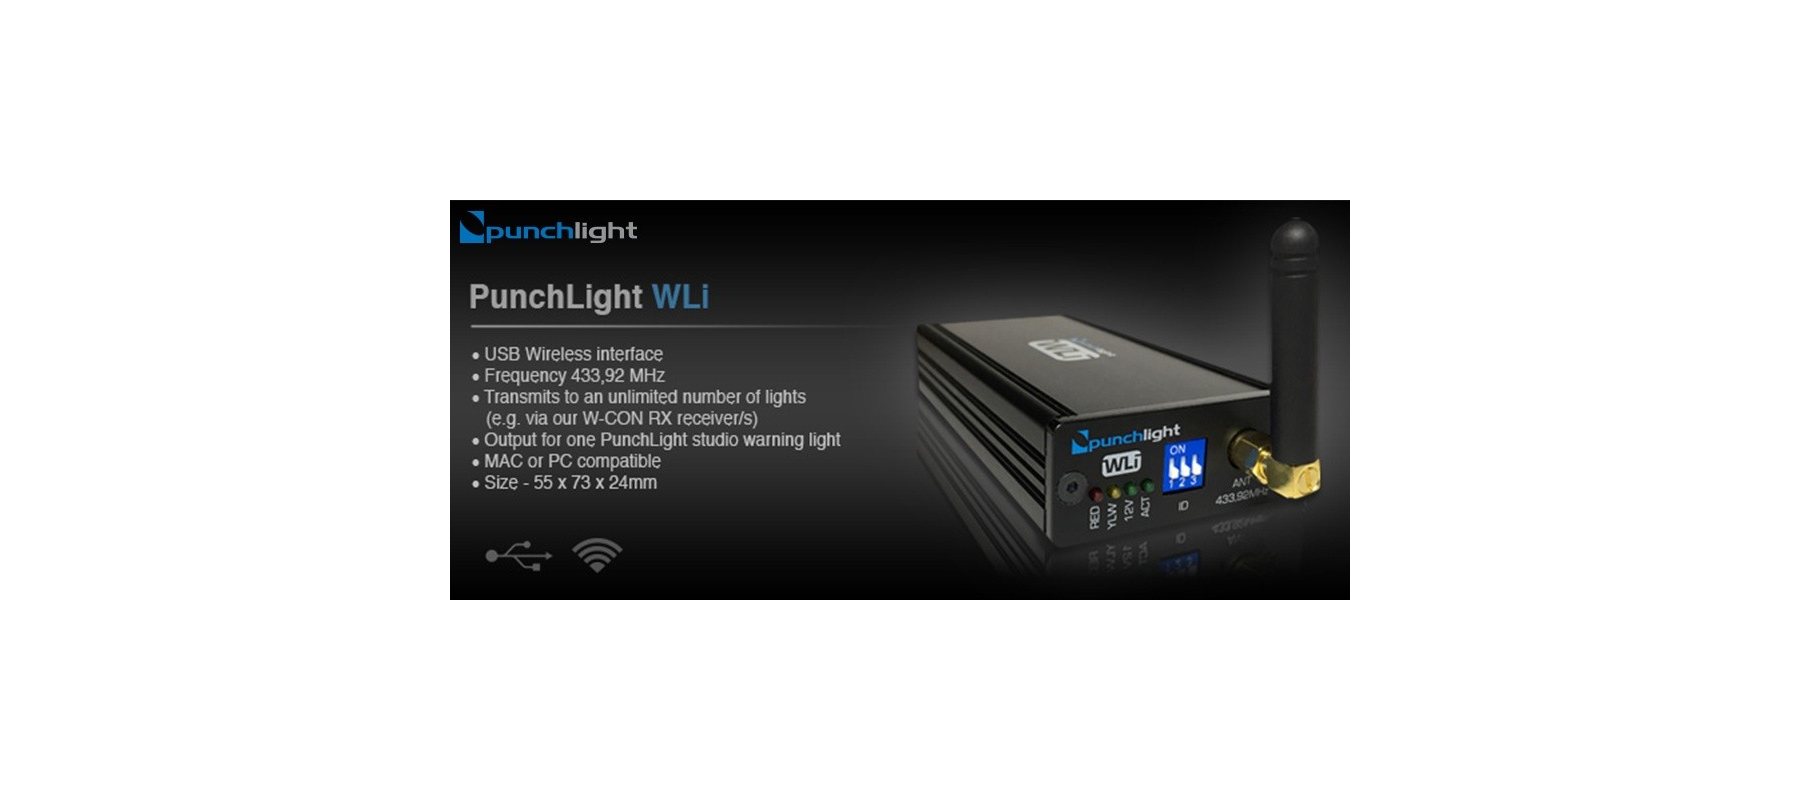 Punchlight WLi